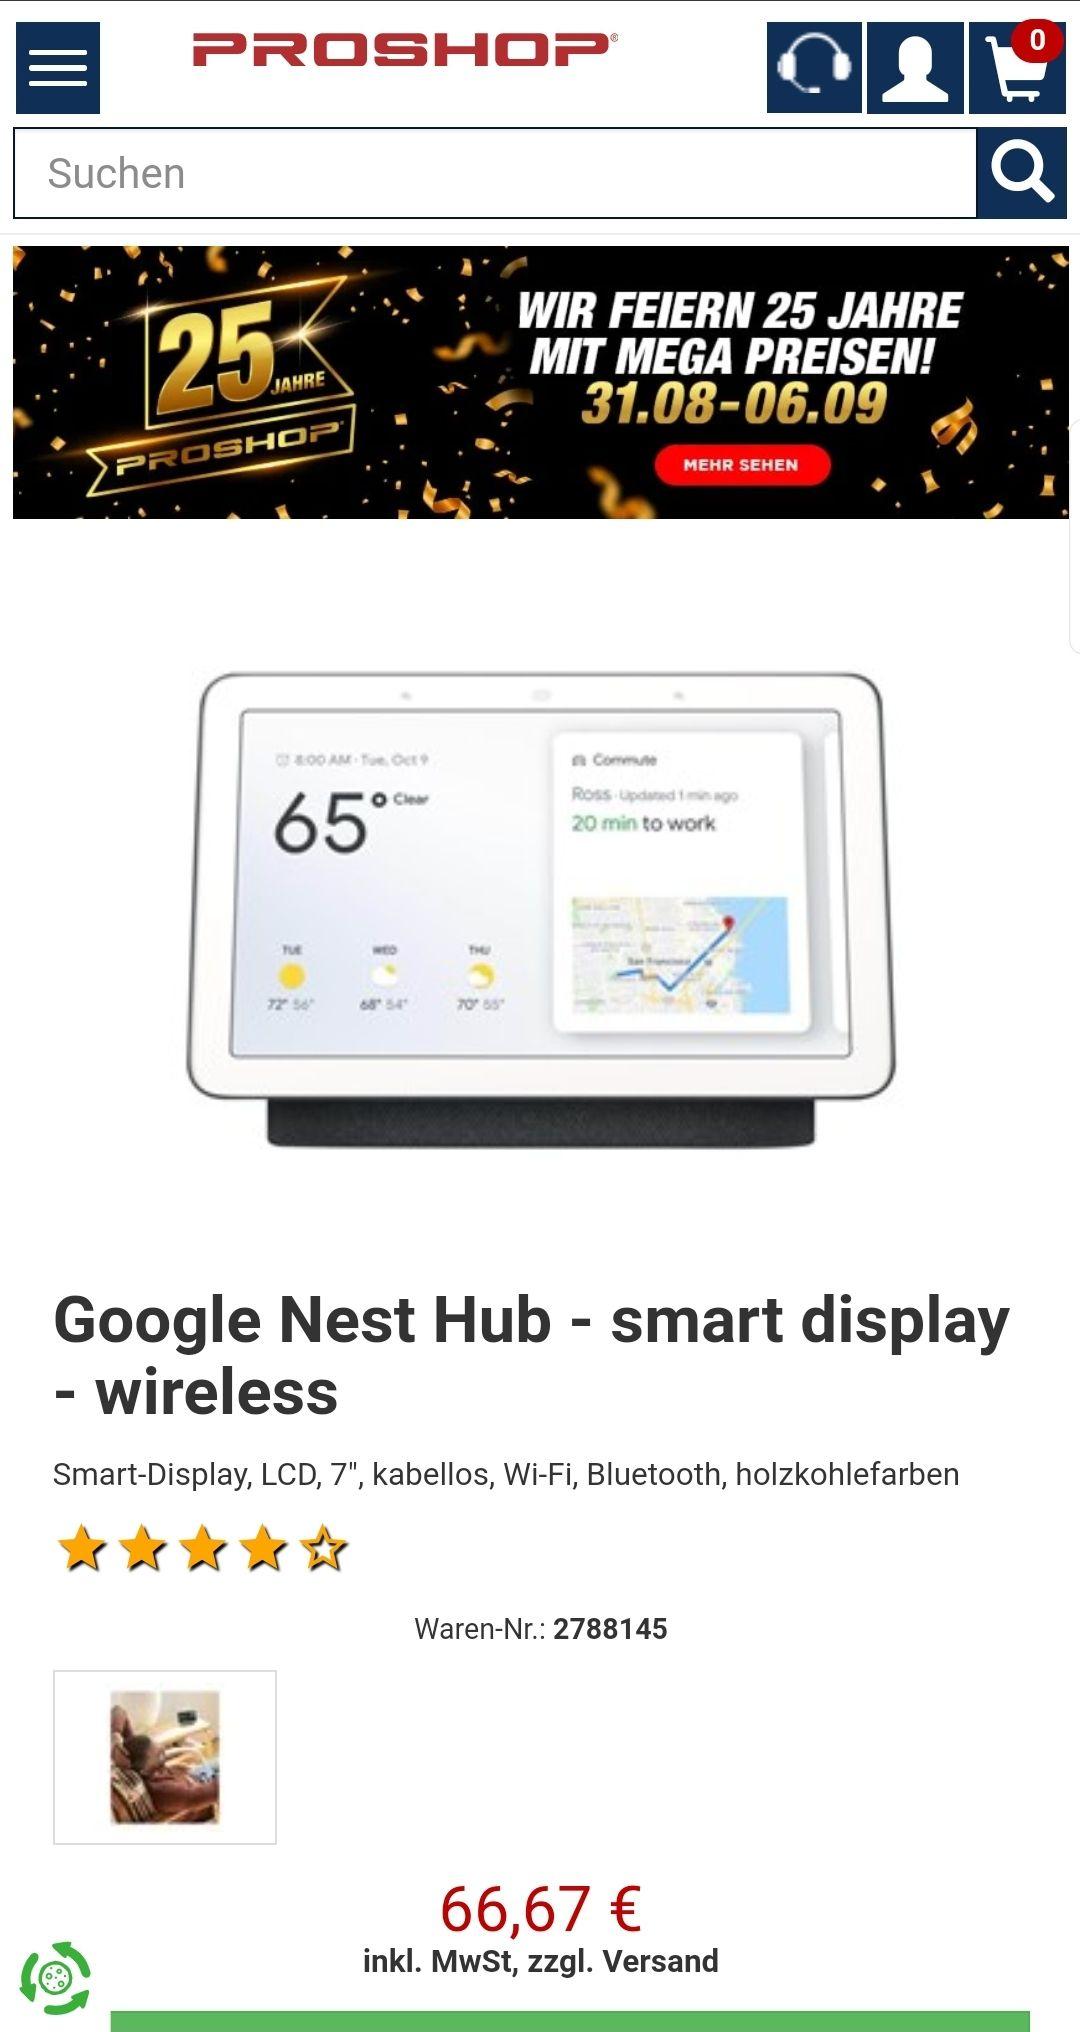 [Proshop] Google Nest Hub - dunkle Version